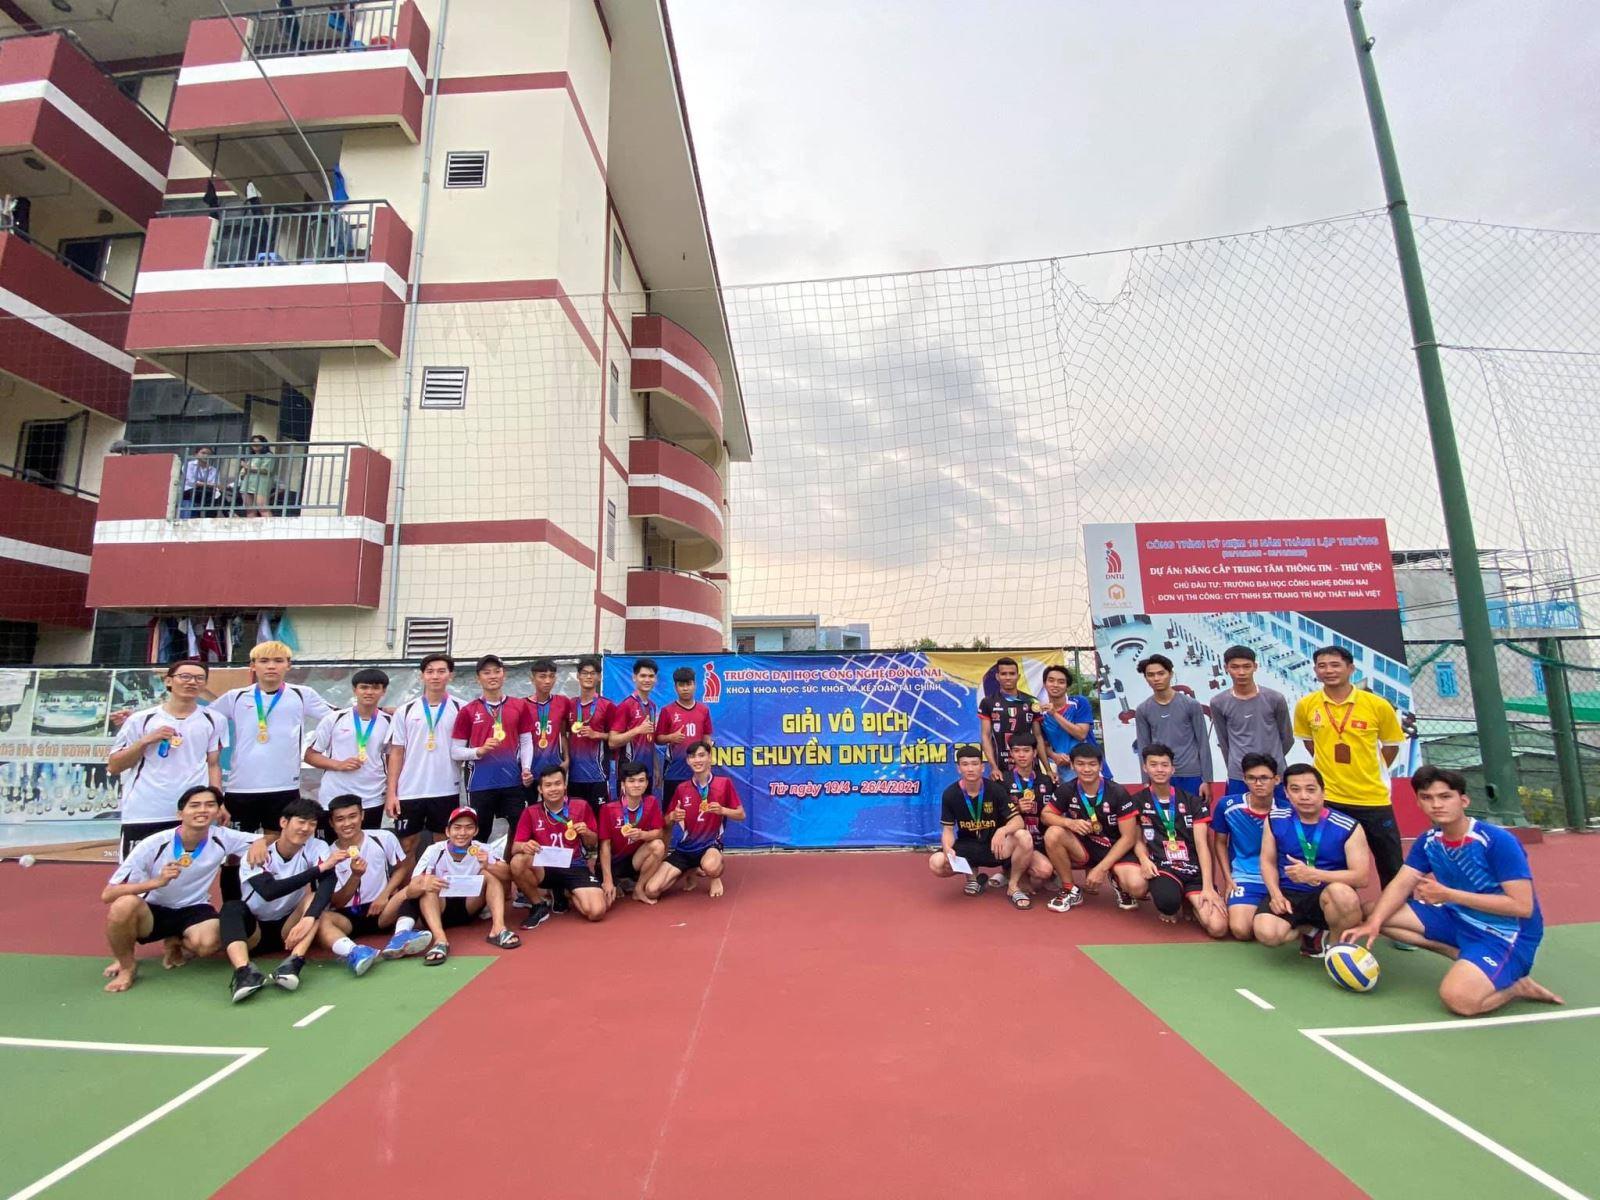 Chung kết giải bóng chuyền sinh viên DNTU năm 2021